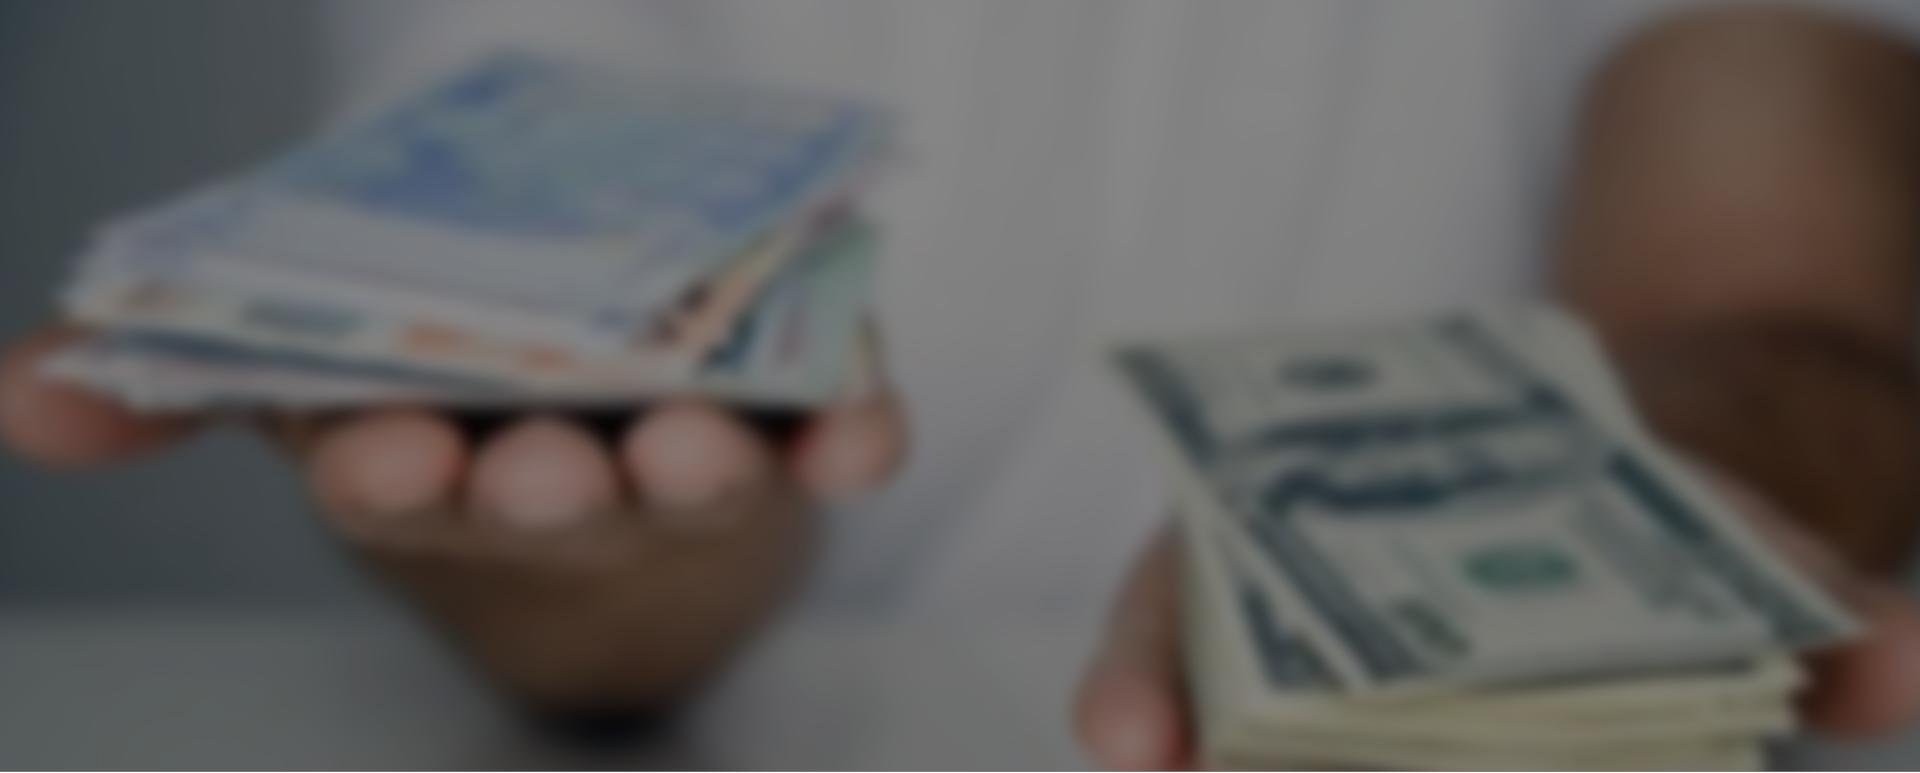 где взять кредит с плохой кредитной историей и просрочками в нижнем новгороде до зарплаты кредит доверия отзывы